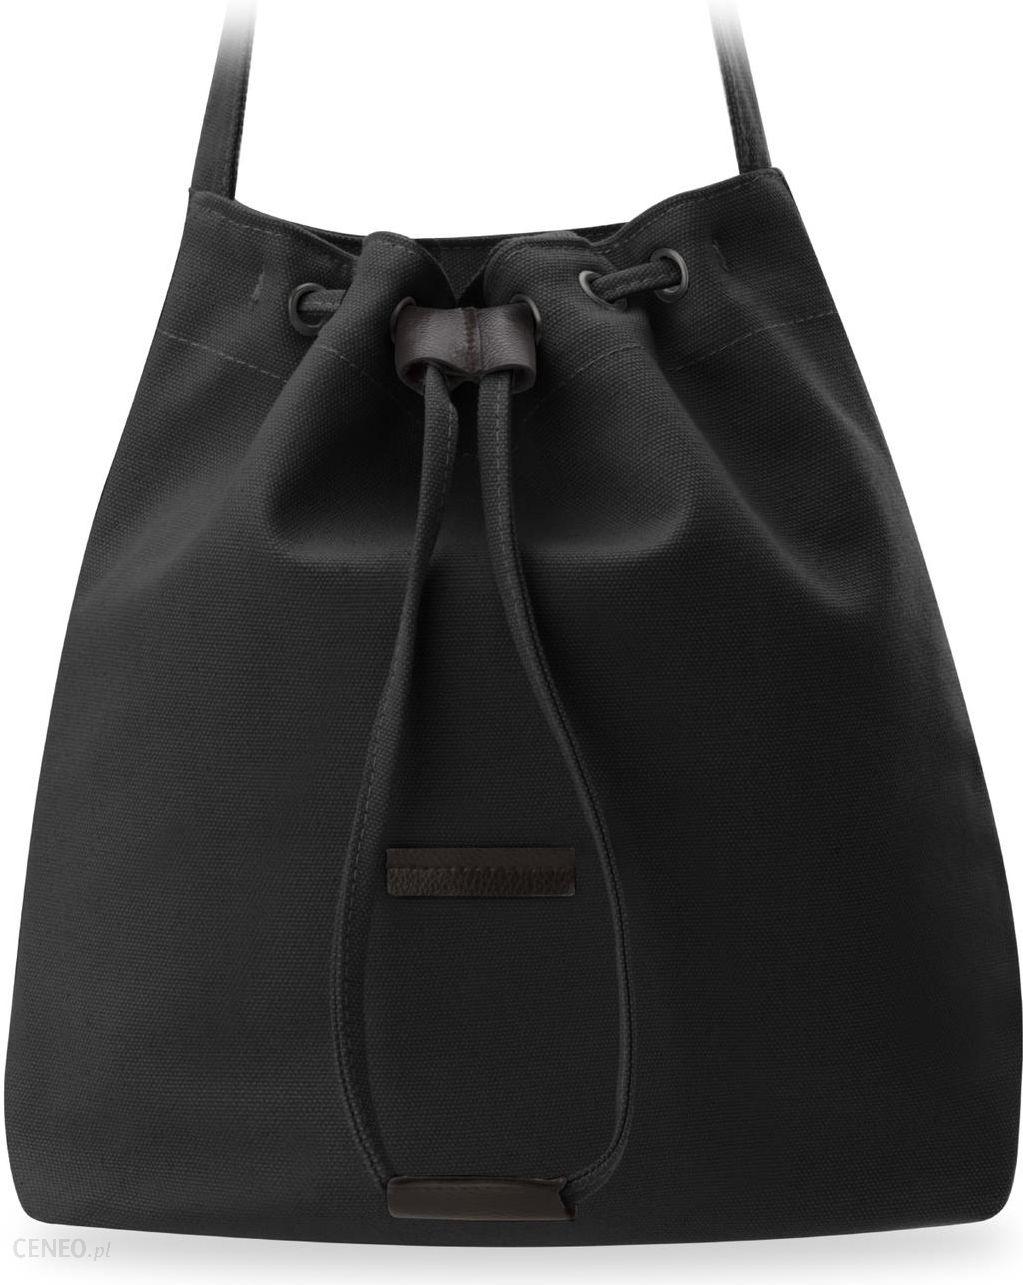 ad2ffe521f64f Eko torba damska zakupowa worek sakwa płócienna - czarny - Ceny i ...